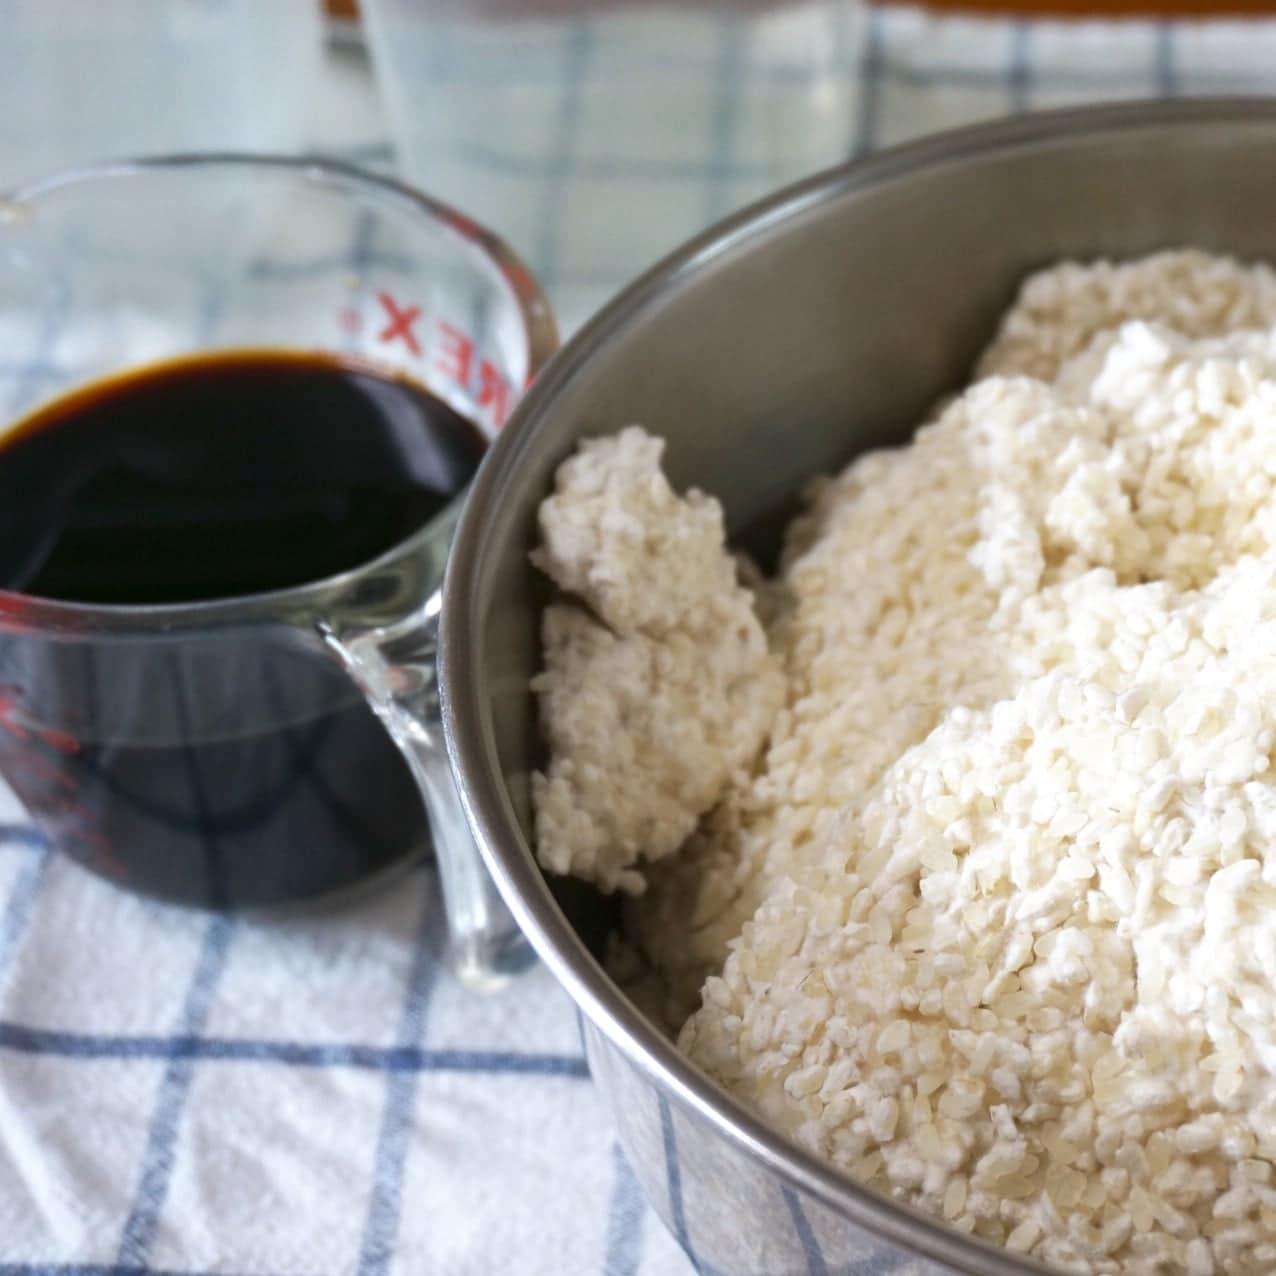 (現地払い)Hakko okazu 塩麹・醤油麹・醤教室 6月26日(水)のイメージその1